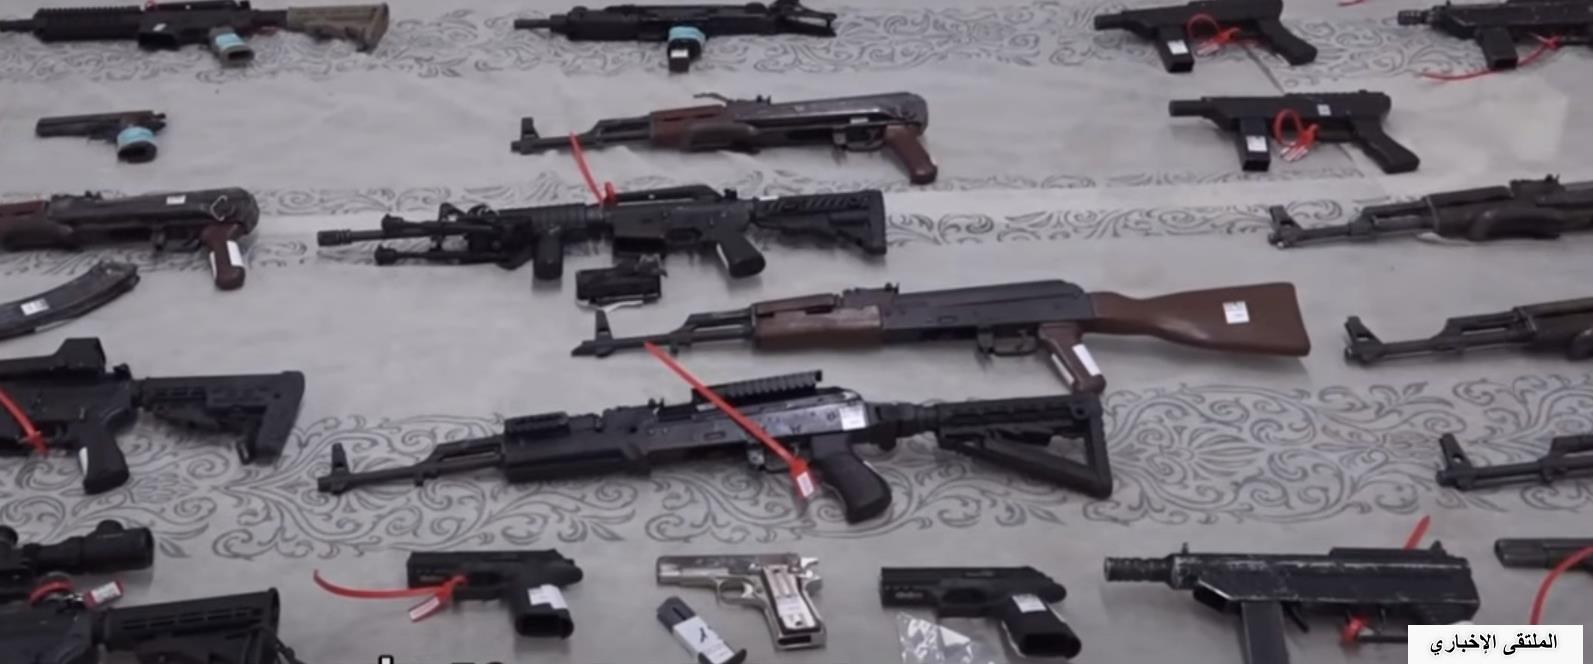 معطيات الشرطة تشير الى ان 96% من السلاح غير القانوني ضبط في المجتمع العربي